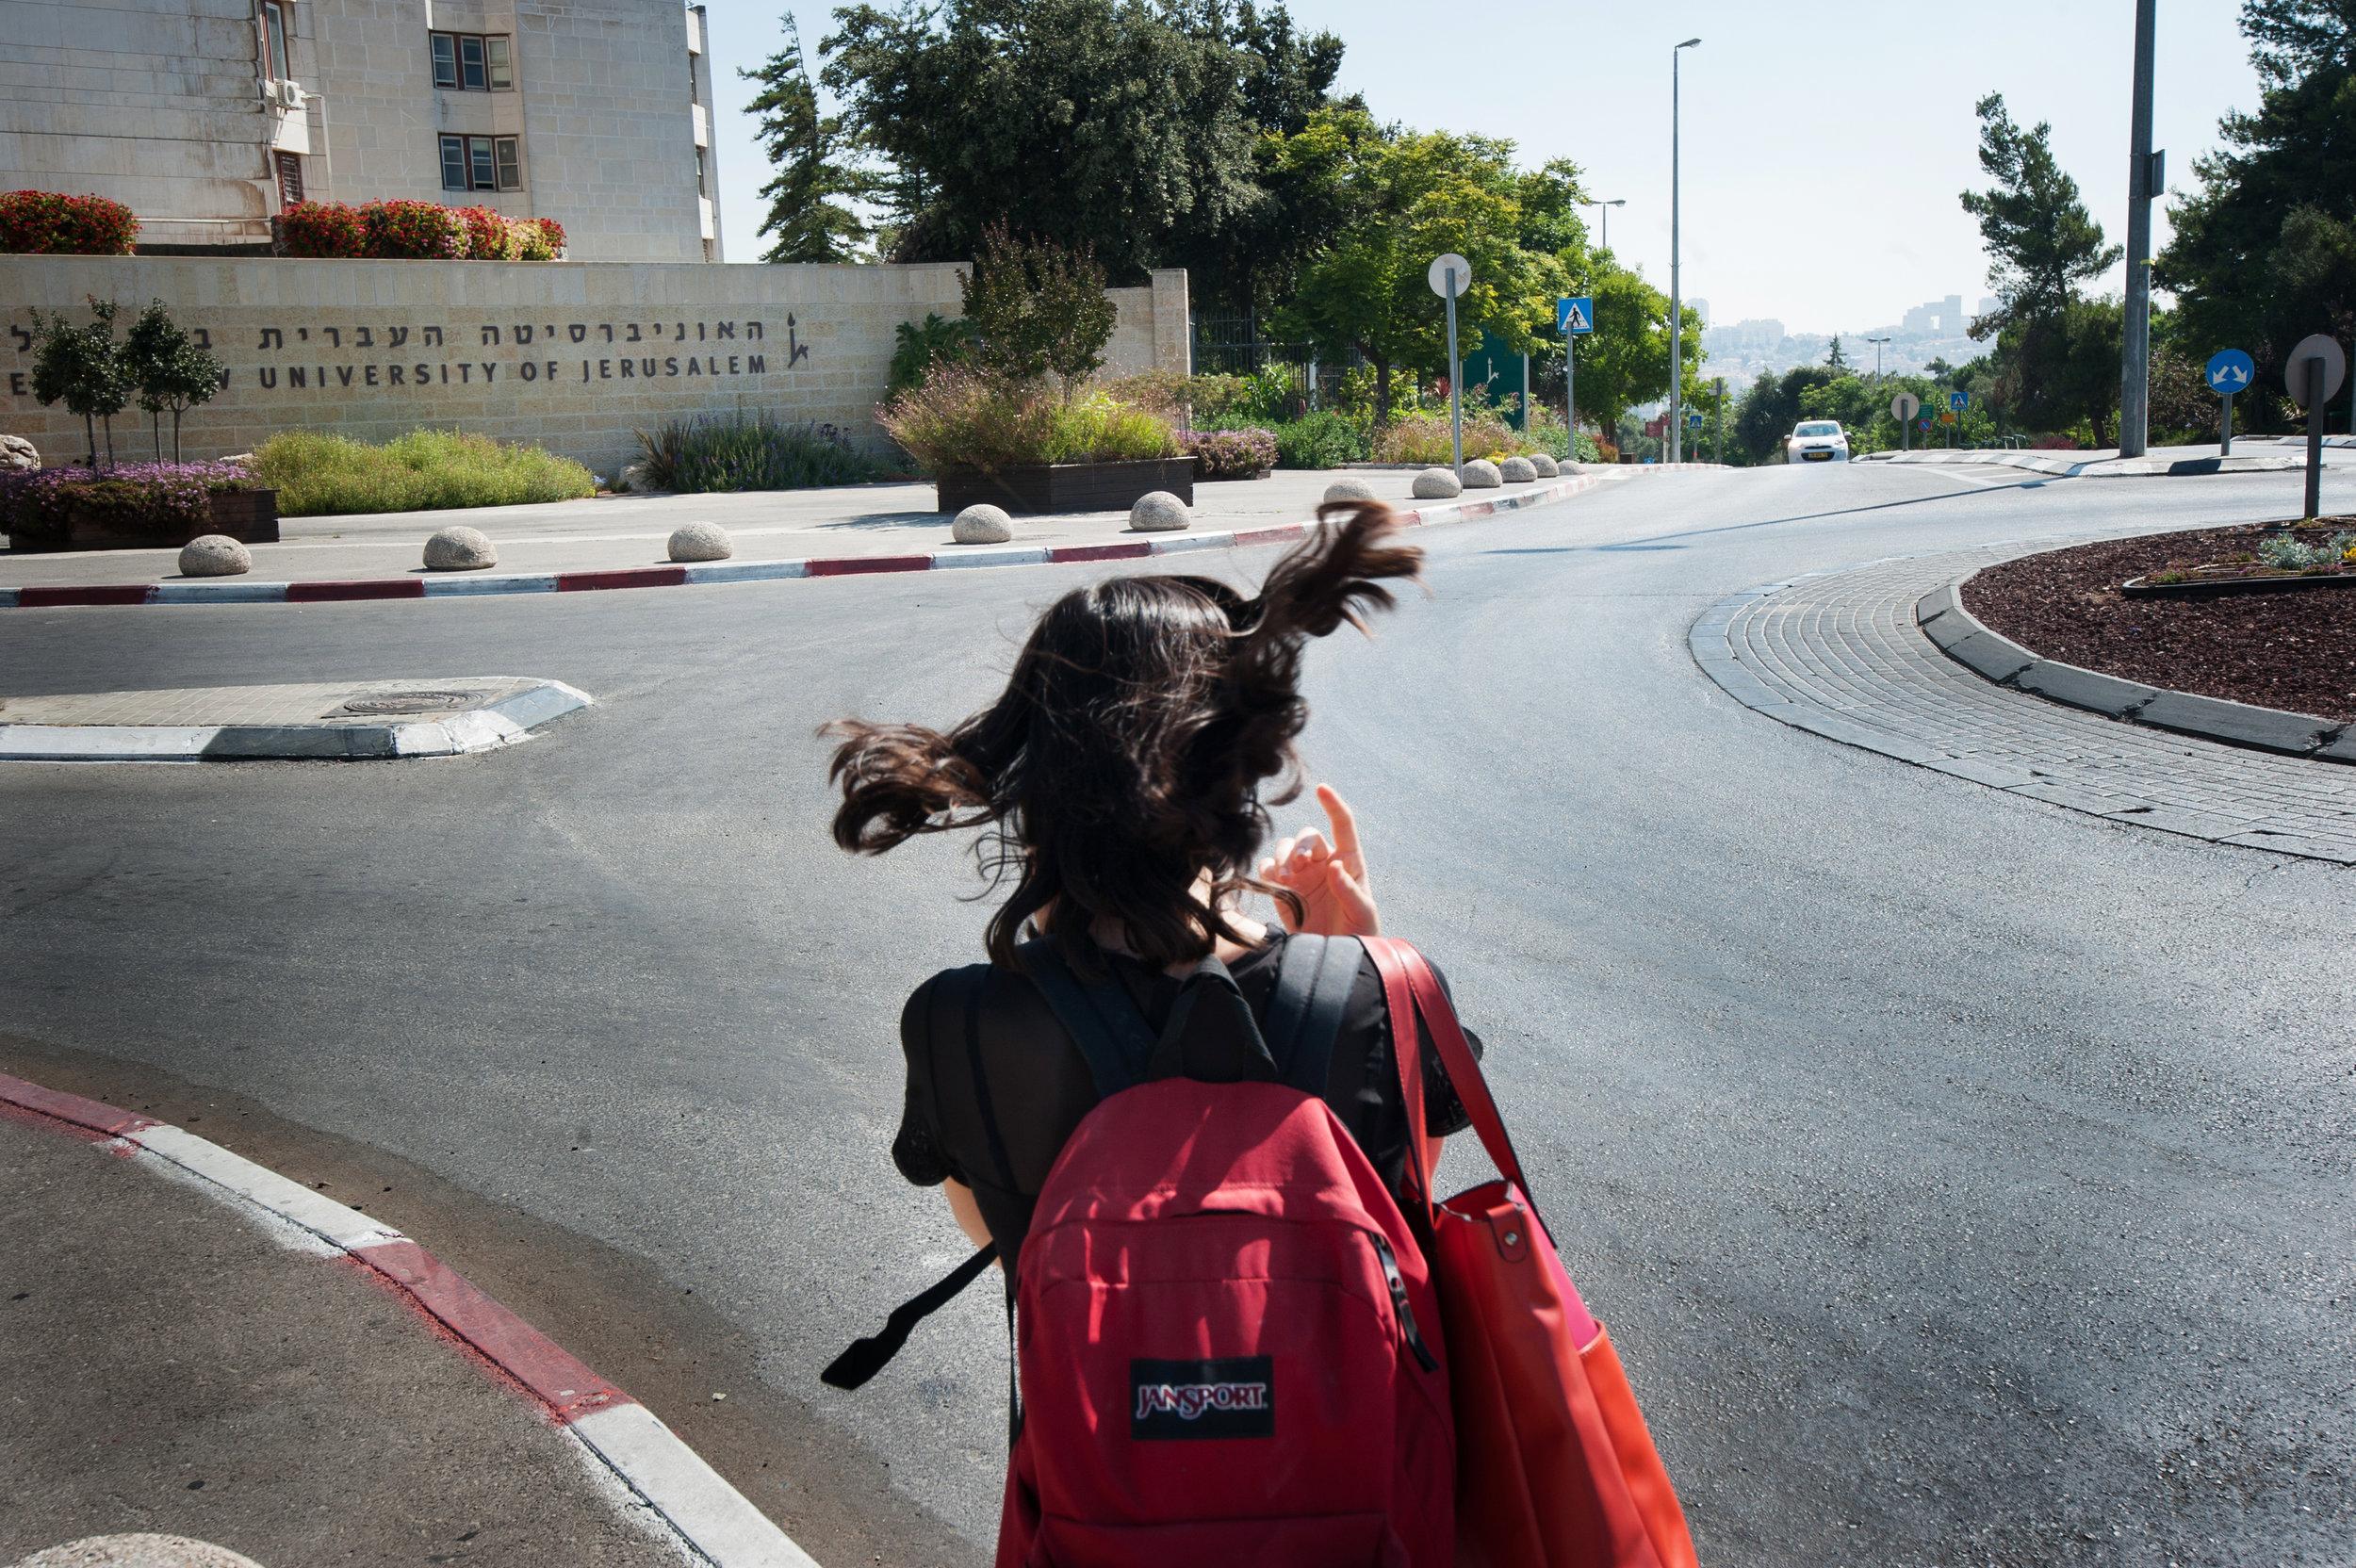 haifa_19.jpg